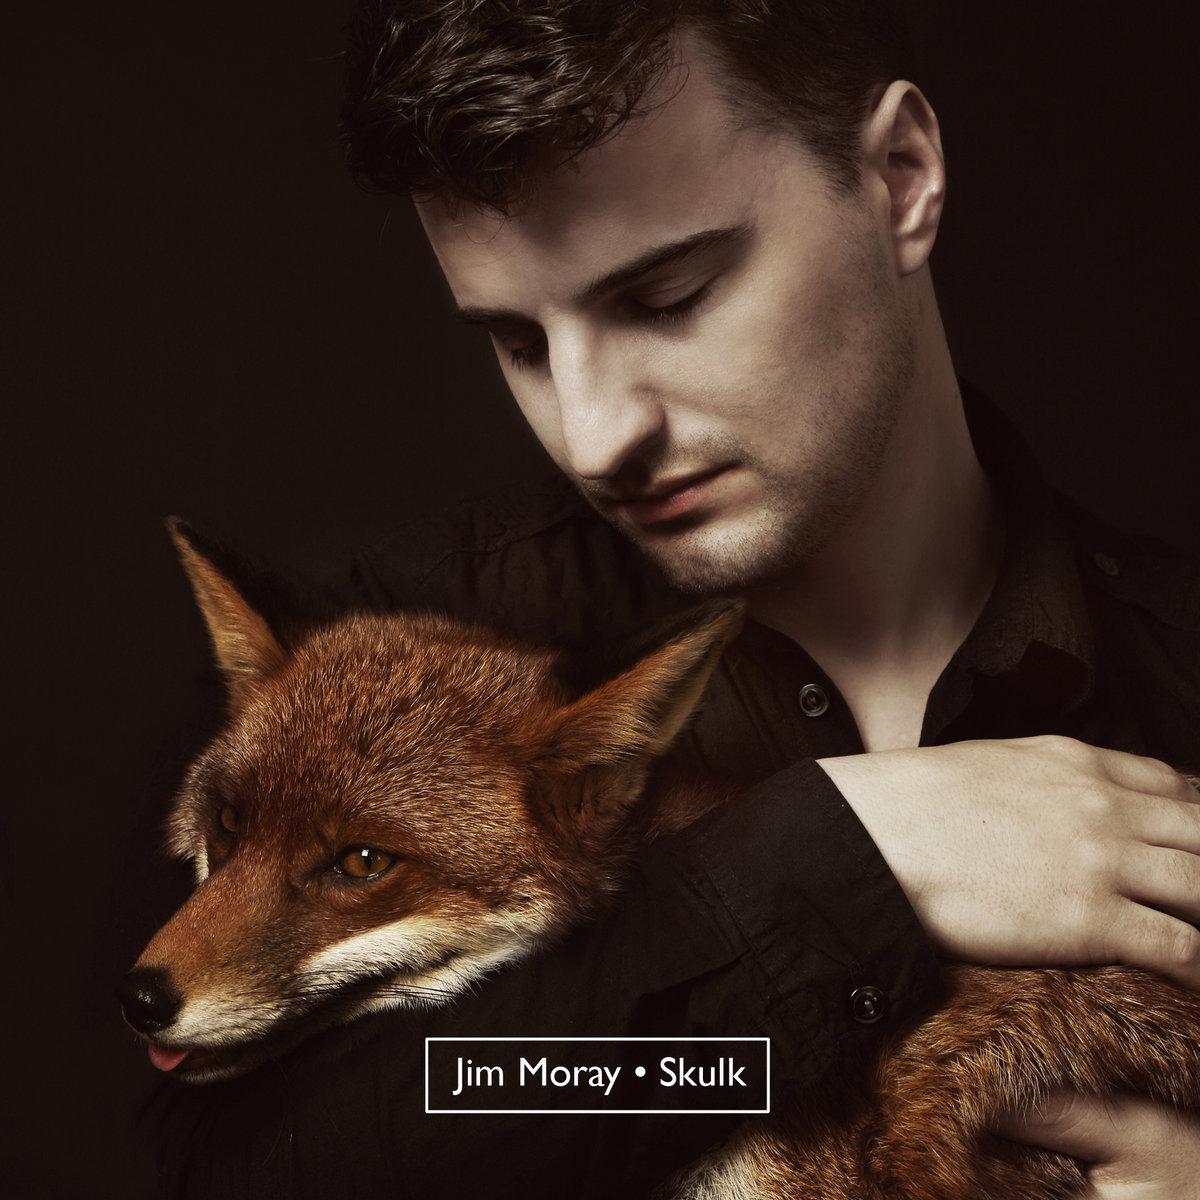 Skulk | Jim Moray